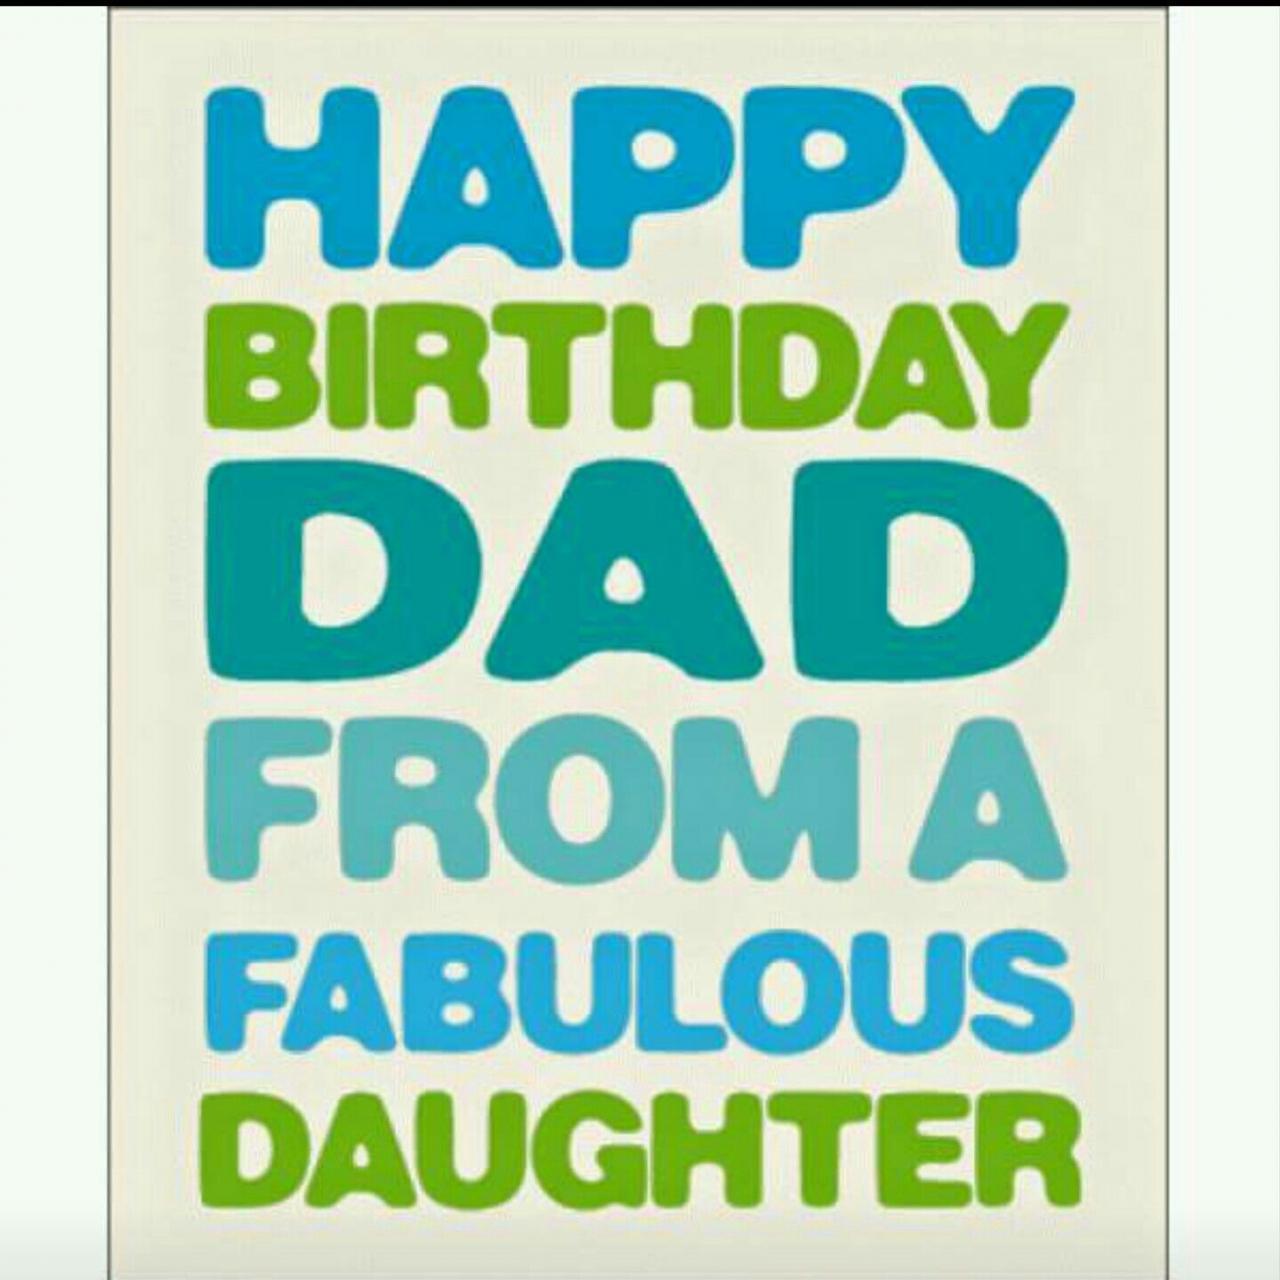 Papa Geburtstag Geburtstagskarten Fur Vater Geburtstagsgeschenke Alles Gute Zum Geburtstag Zitate Geburtstagsideen Geburtstagwunsche Gruse